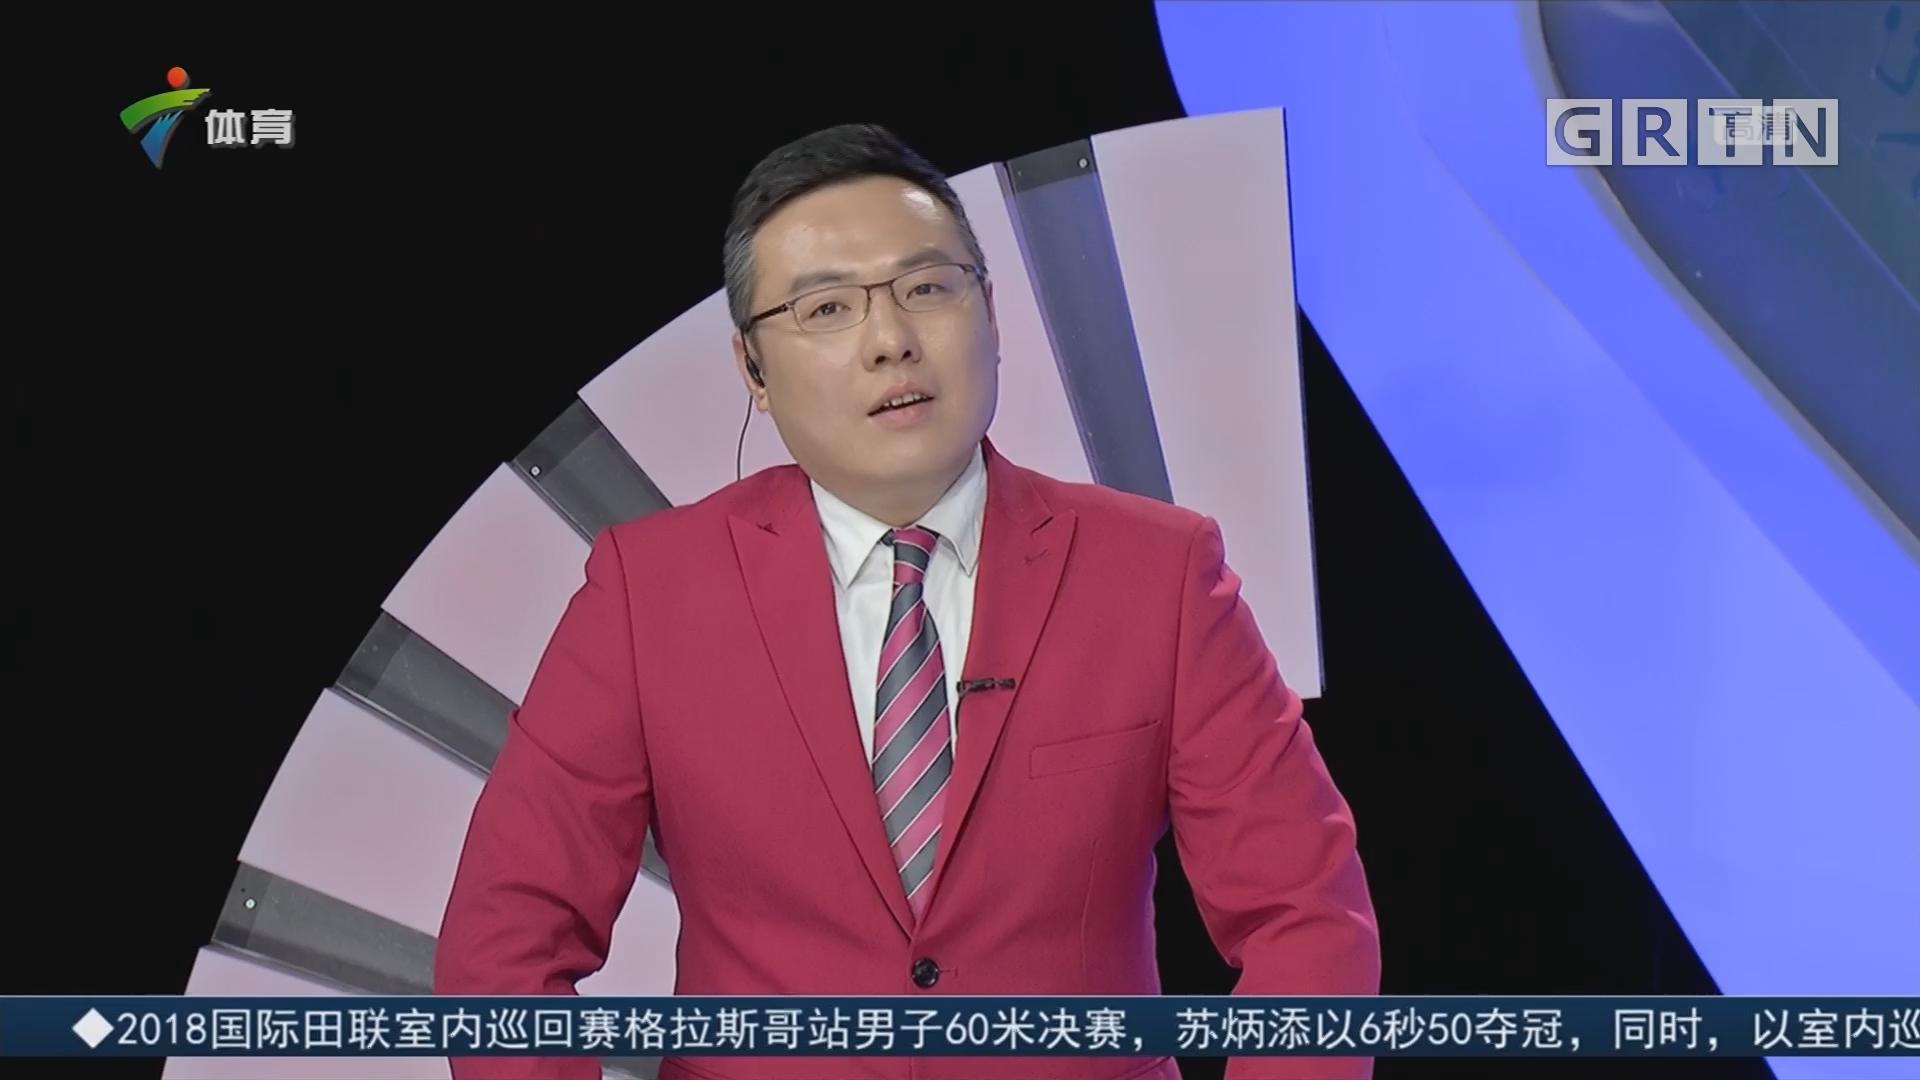 广东体育频道足球评述员周维嘉:谁将为广州恒大站好最后一班岗